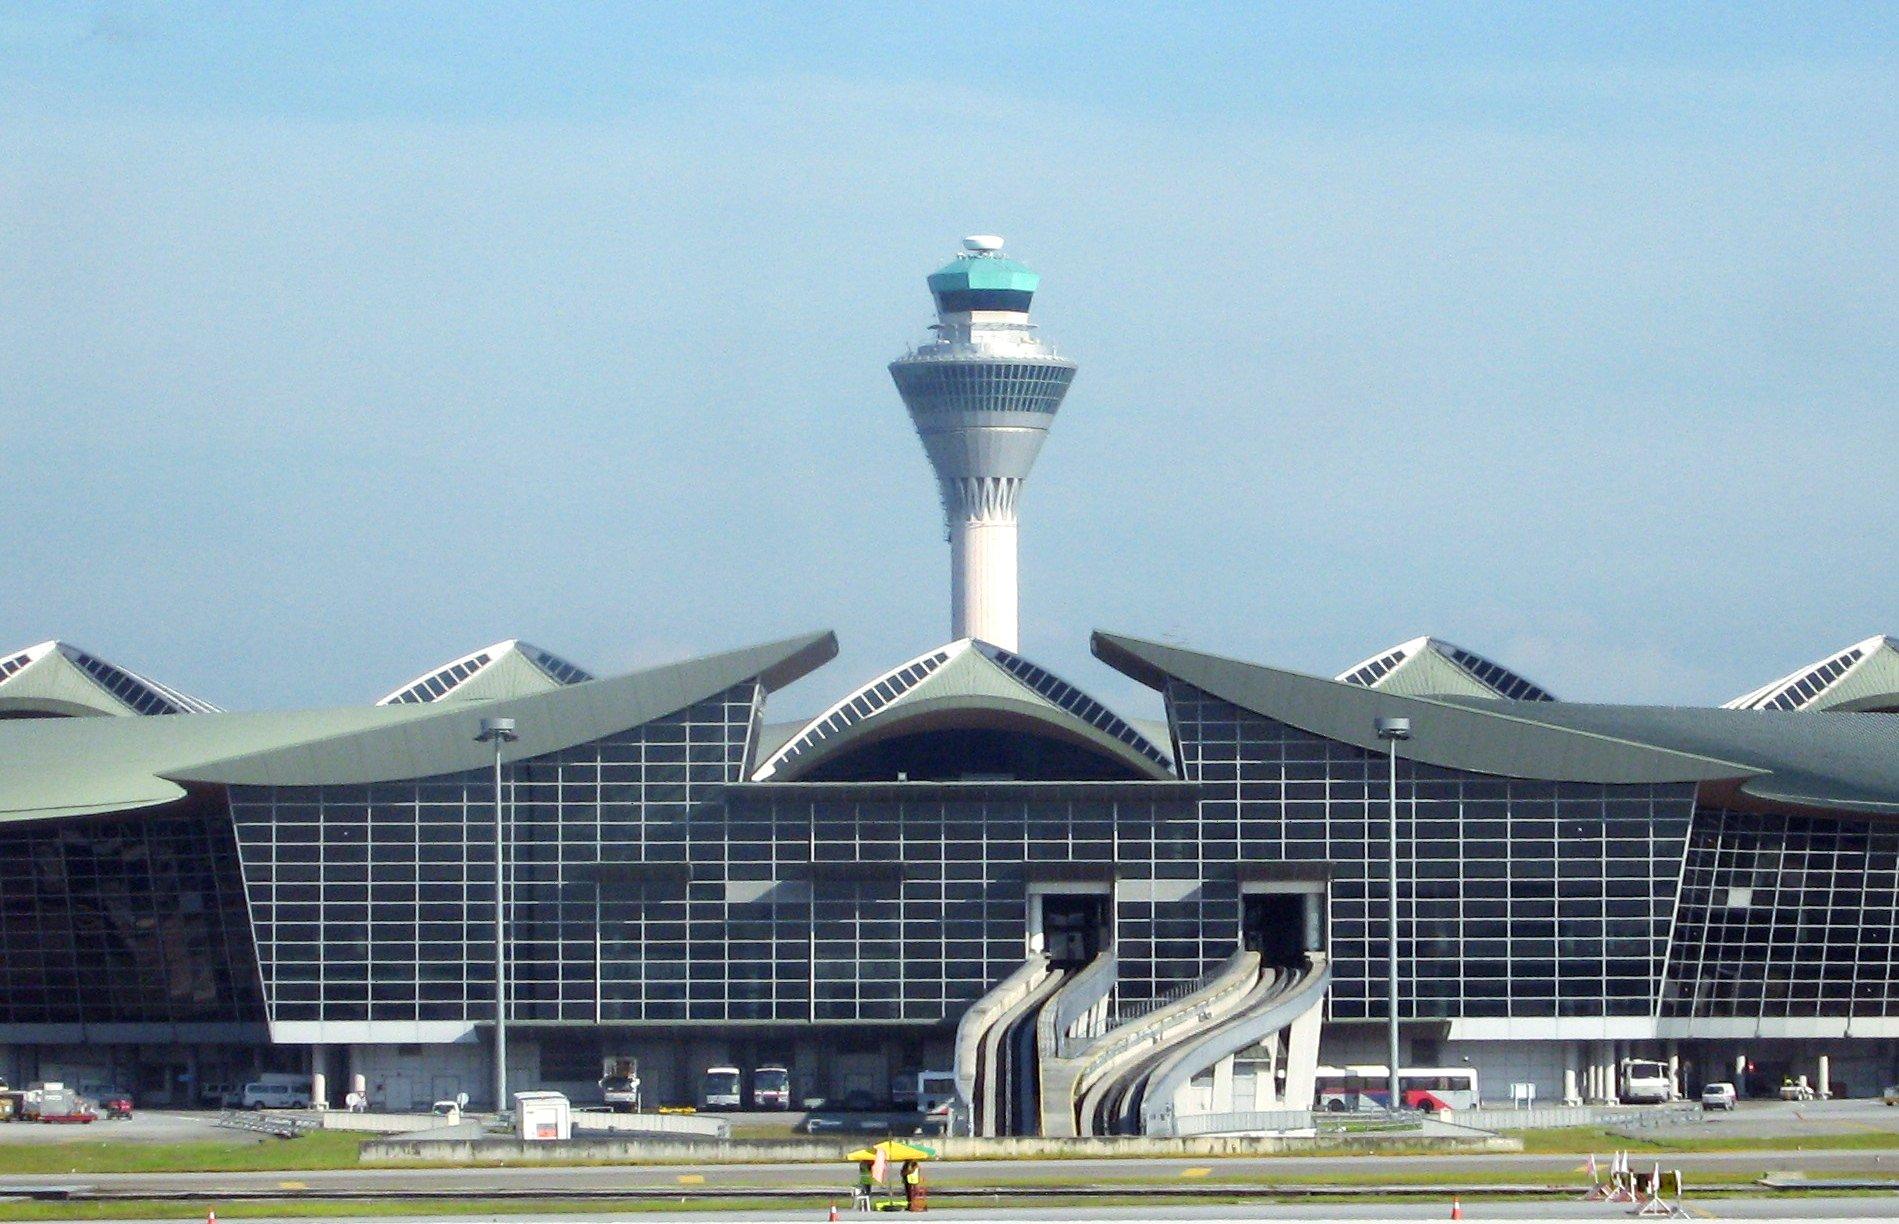 Malaysia Airports может принять участие в управление украинскими аэропортами